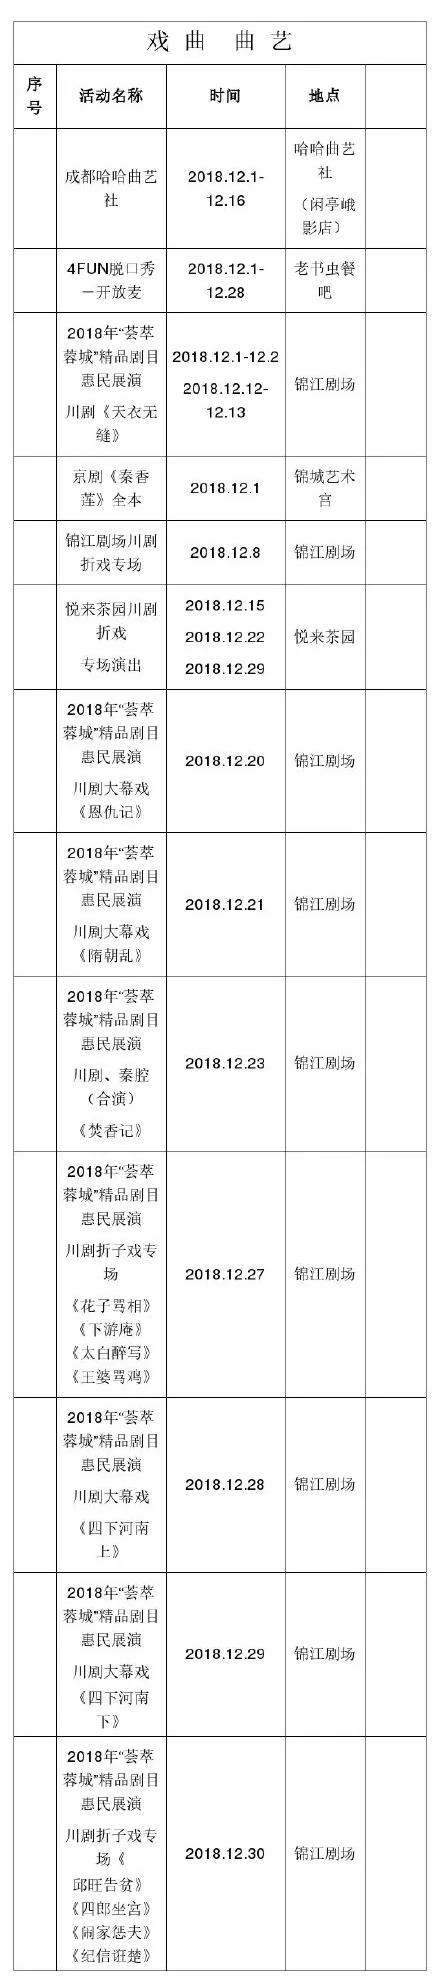 2018年12月成都演出活动汇总